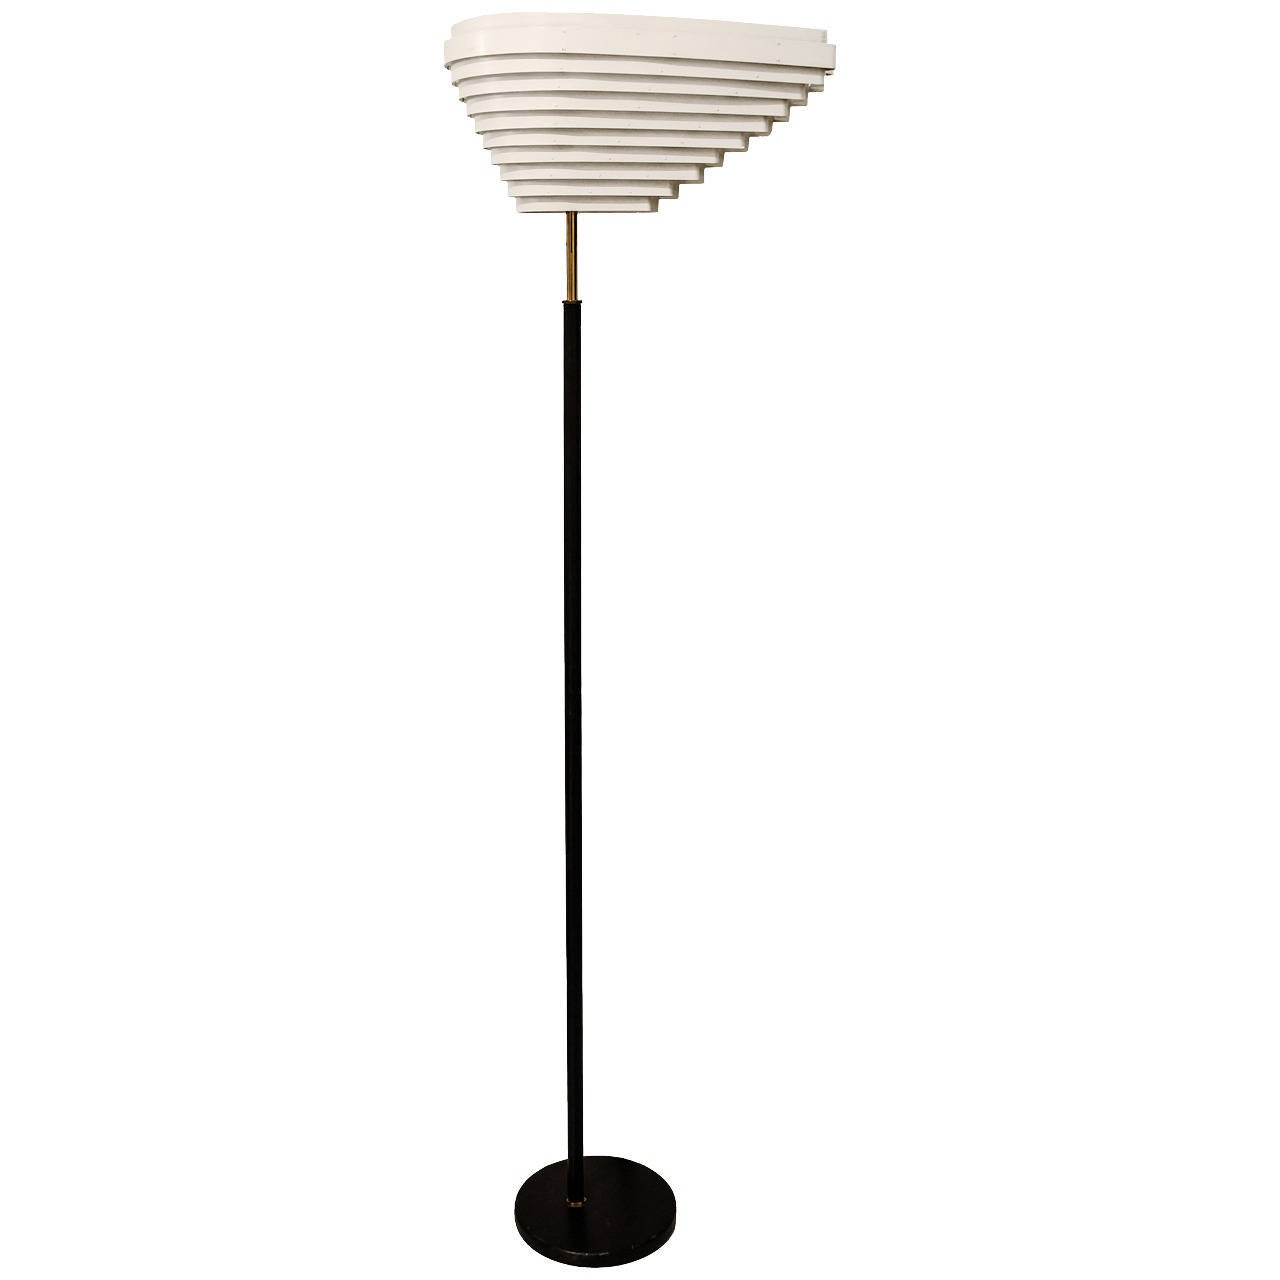 Early Alvar Aalto Floor Lamp, Model A805 for Valaistustyö Ky, 1954 For Sale